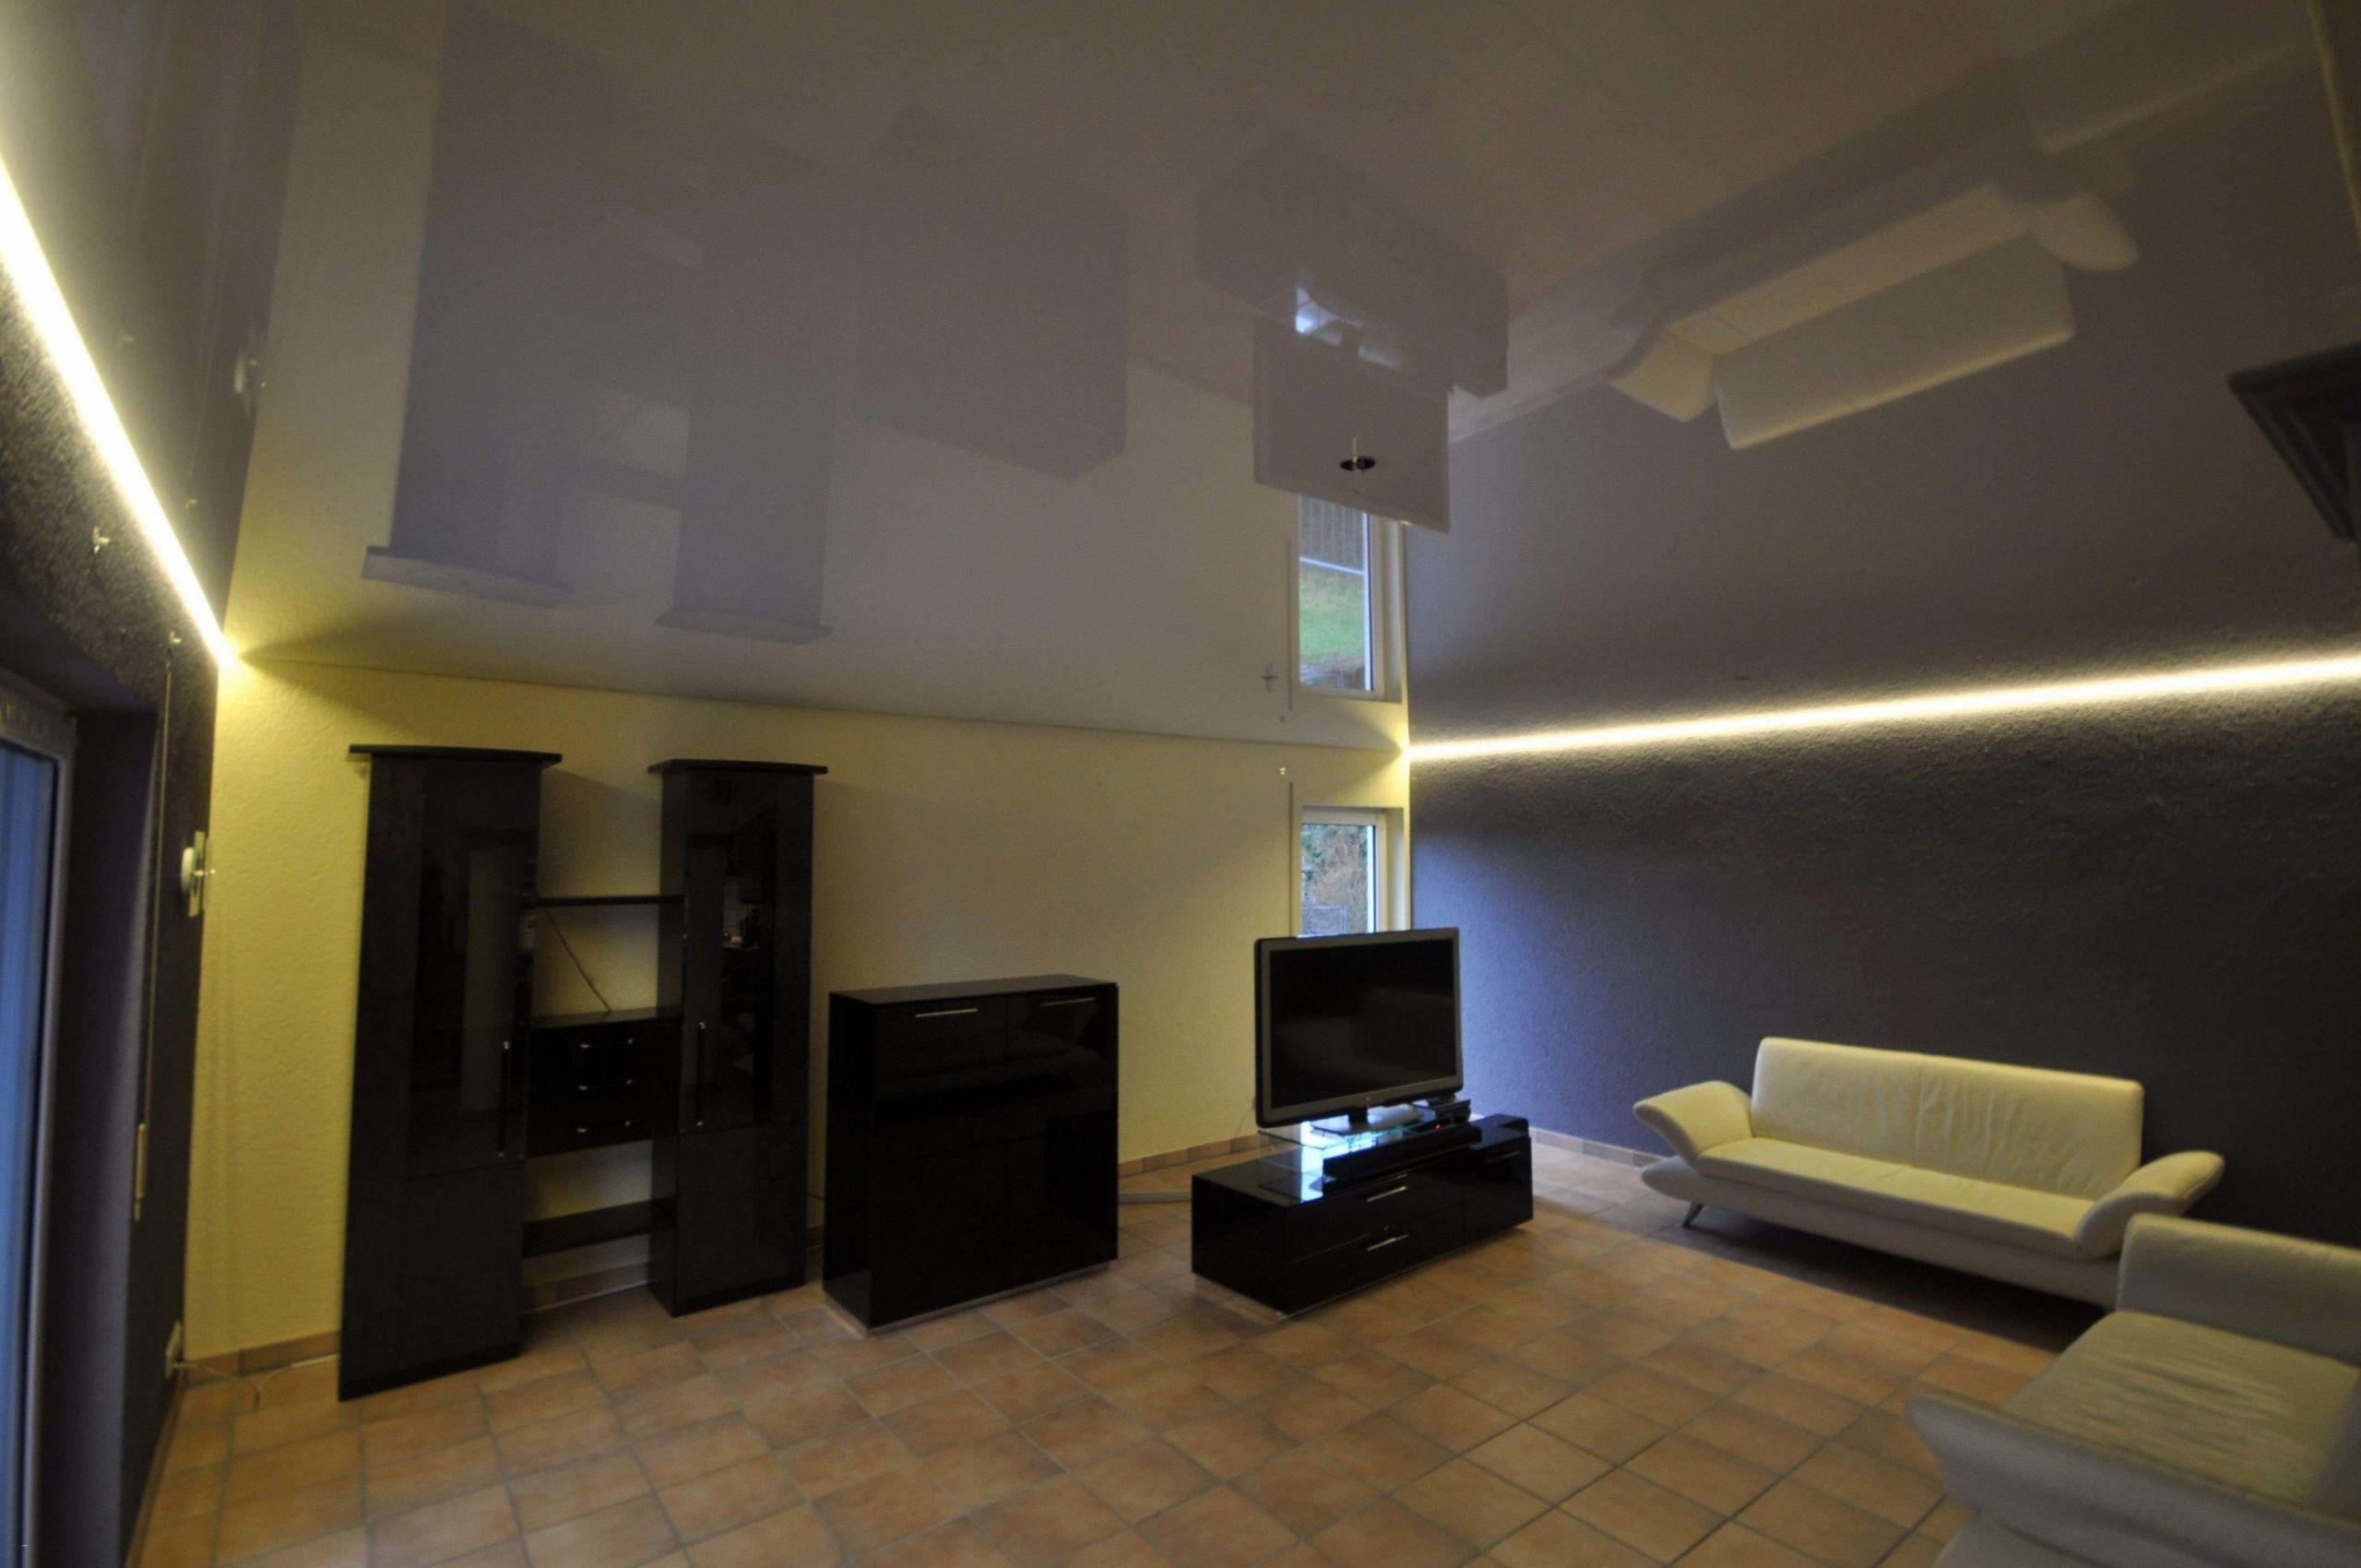 kleine wohnzimmer schon kleine wohnzimmer reizend wohnzimmer licht 0d design ideen of kleine wohnzimmer scaled